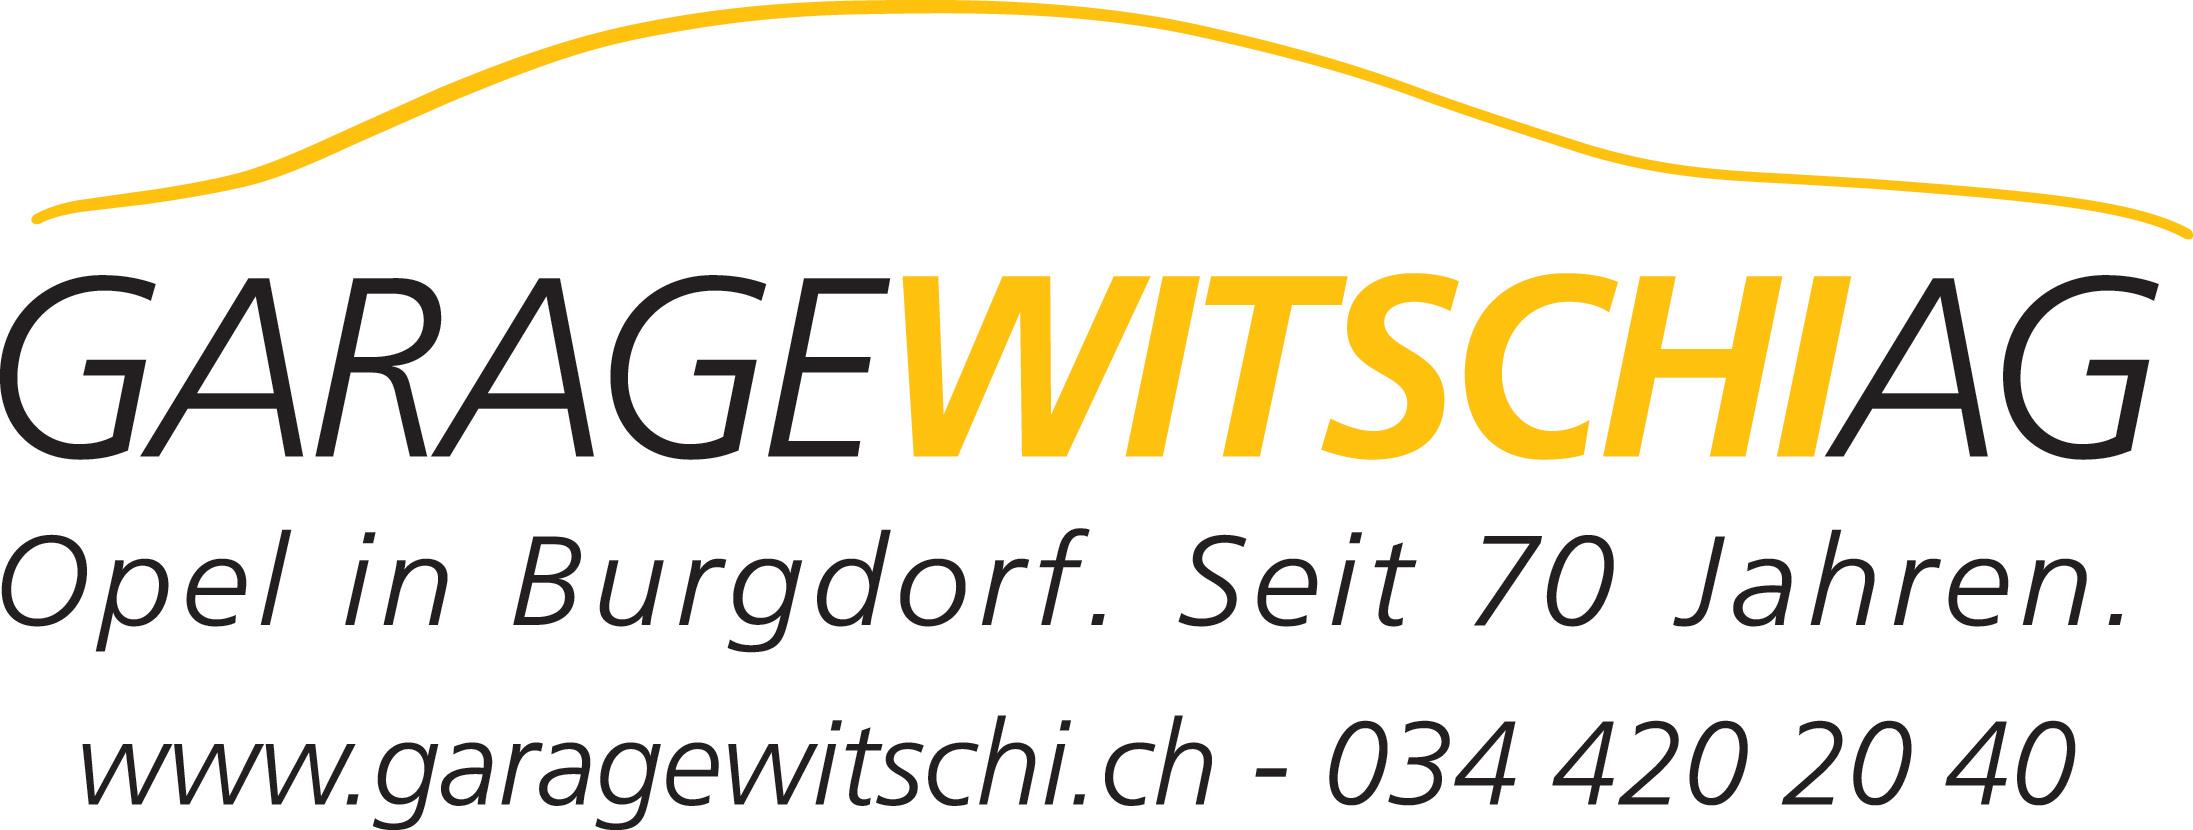 Garage WItschi AG - Burgdorf